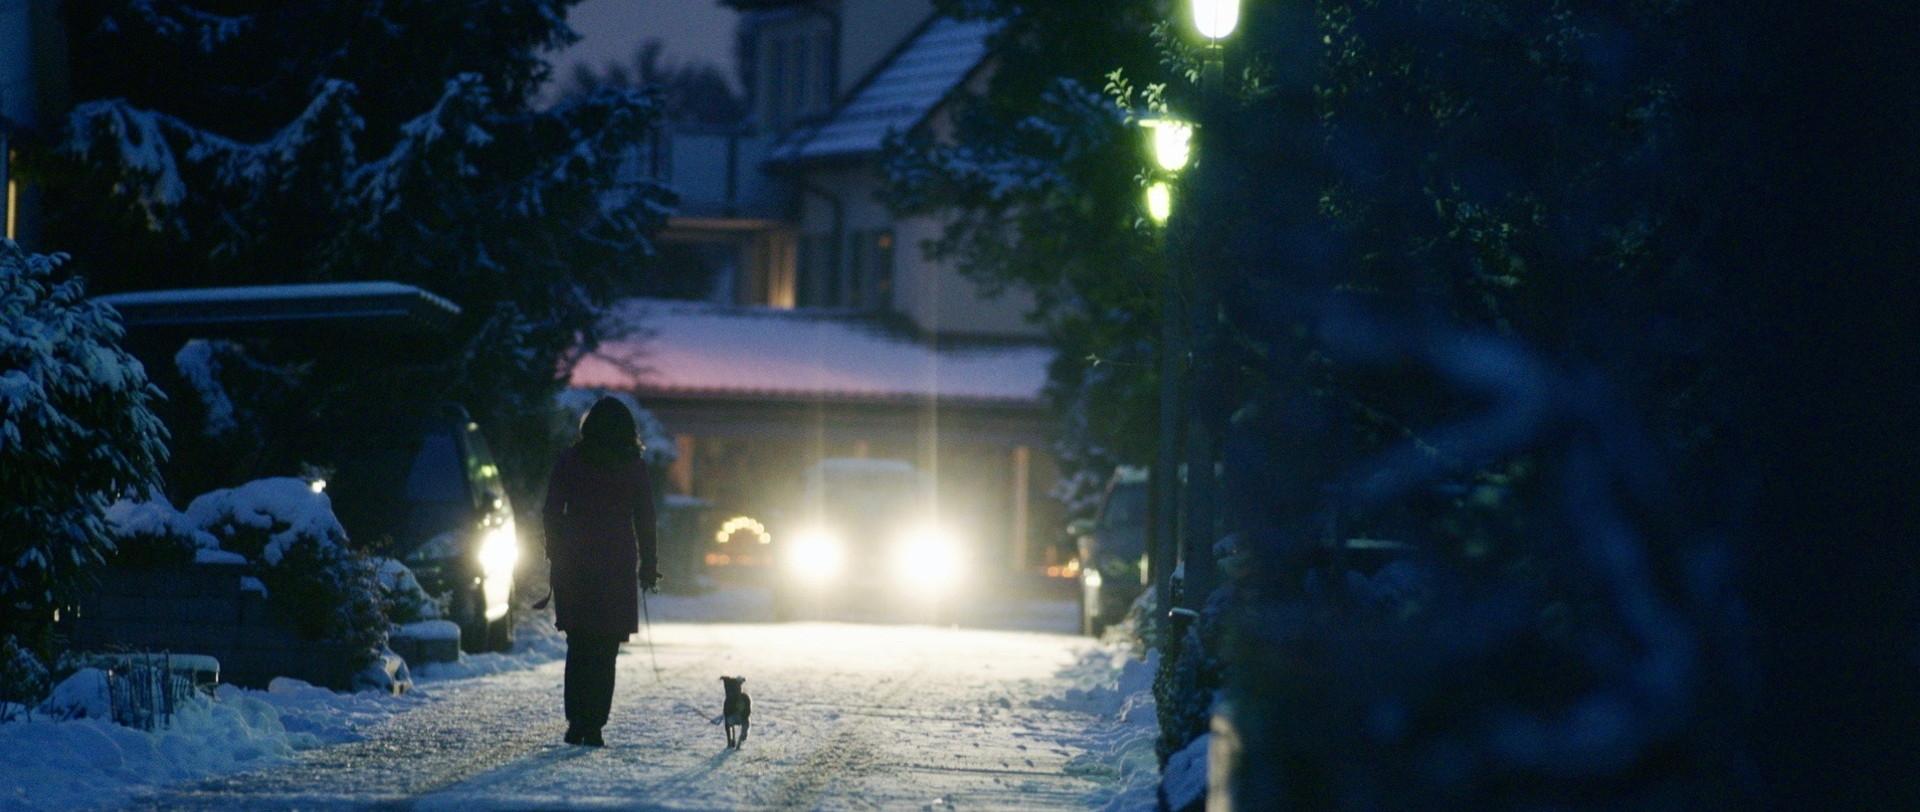 Traumland - Dreamland - Mia mit Hündchen Nachts im Schnee - Regie Petra Volpe - Kamera Judith Kaufmann